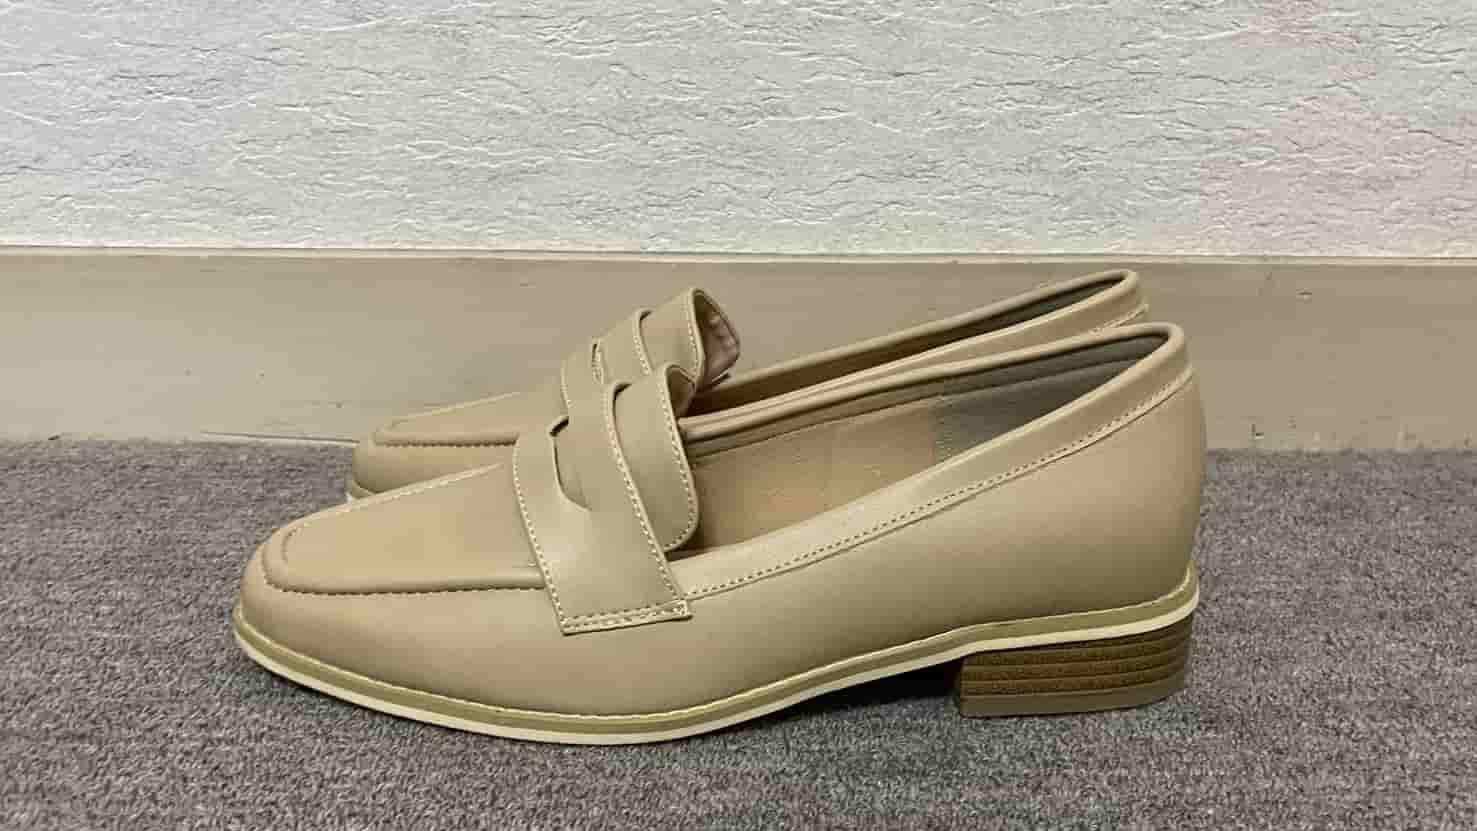 【お気に入りの靴】春夏にぴったり!ミュールとローファーを紹介_6